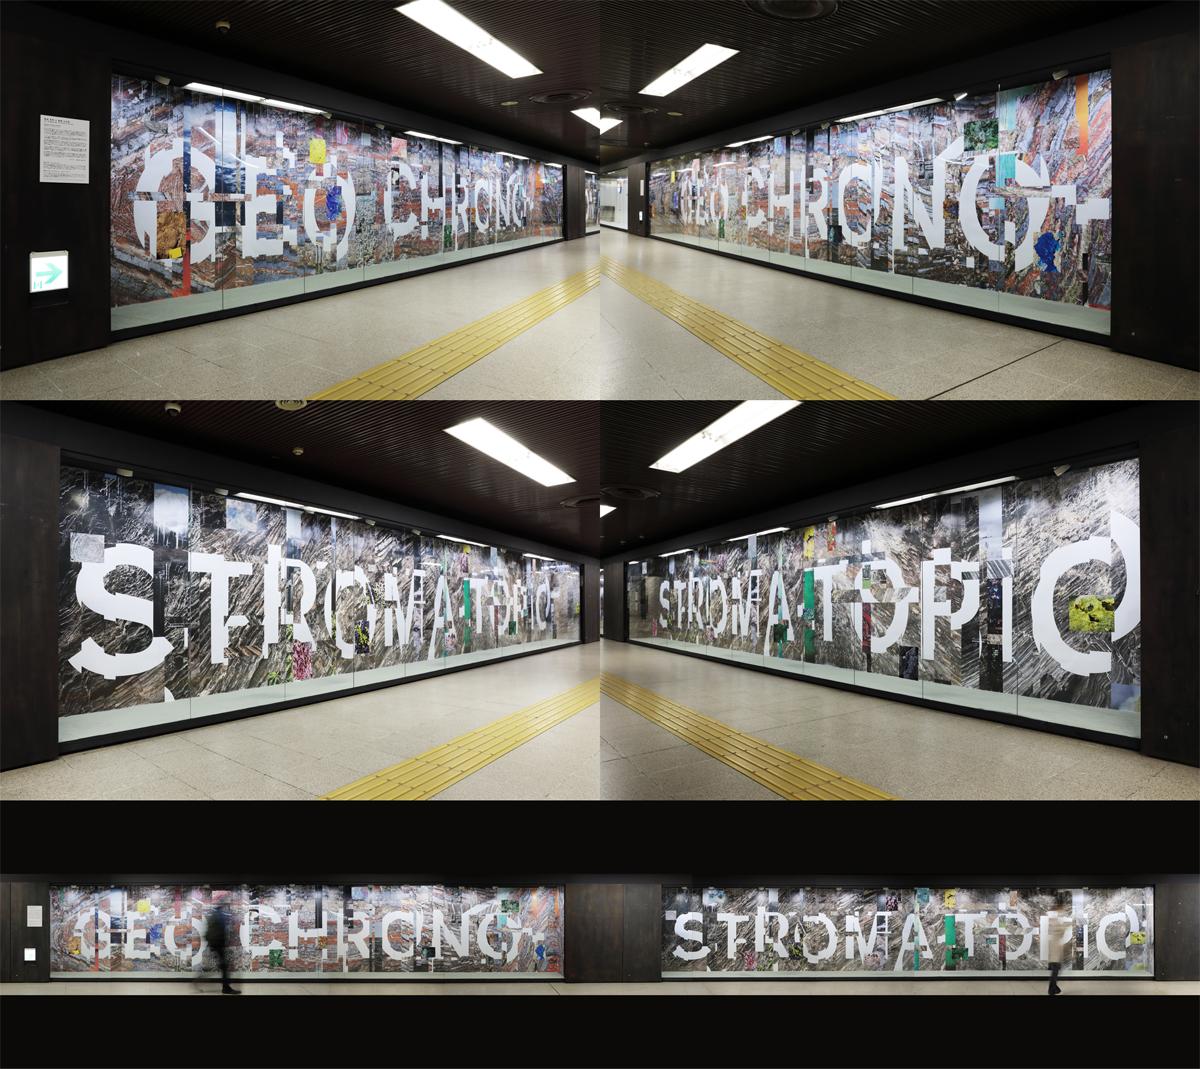 [大地の物語]札幌大通地下ギャラリー500m美術館 /CAI現代芸術研究所、一般社団法人PROJECTA / 2019 | アートワーク